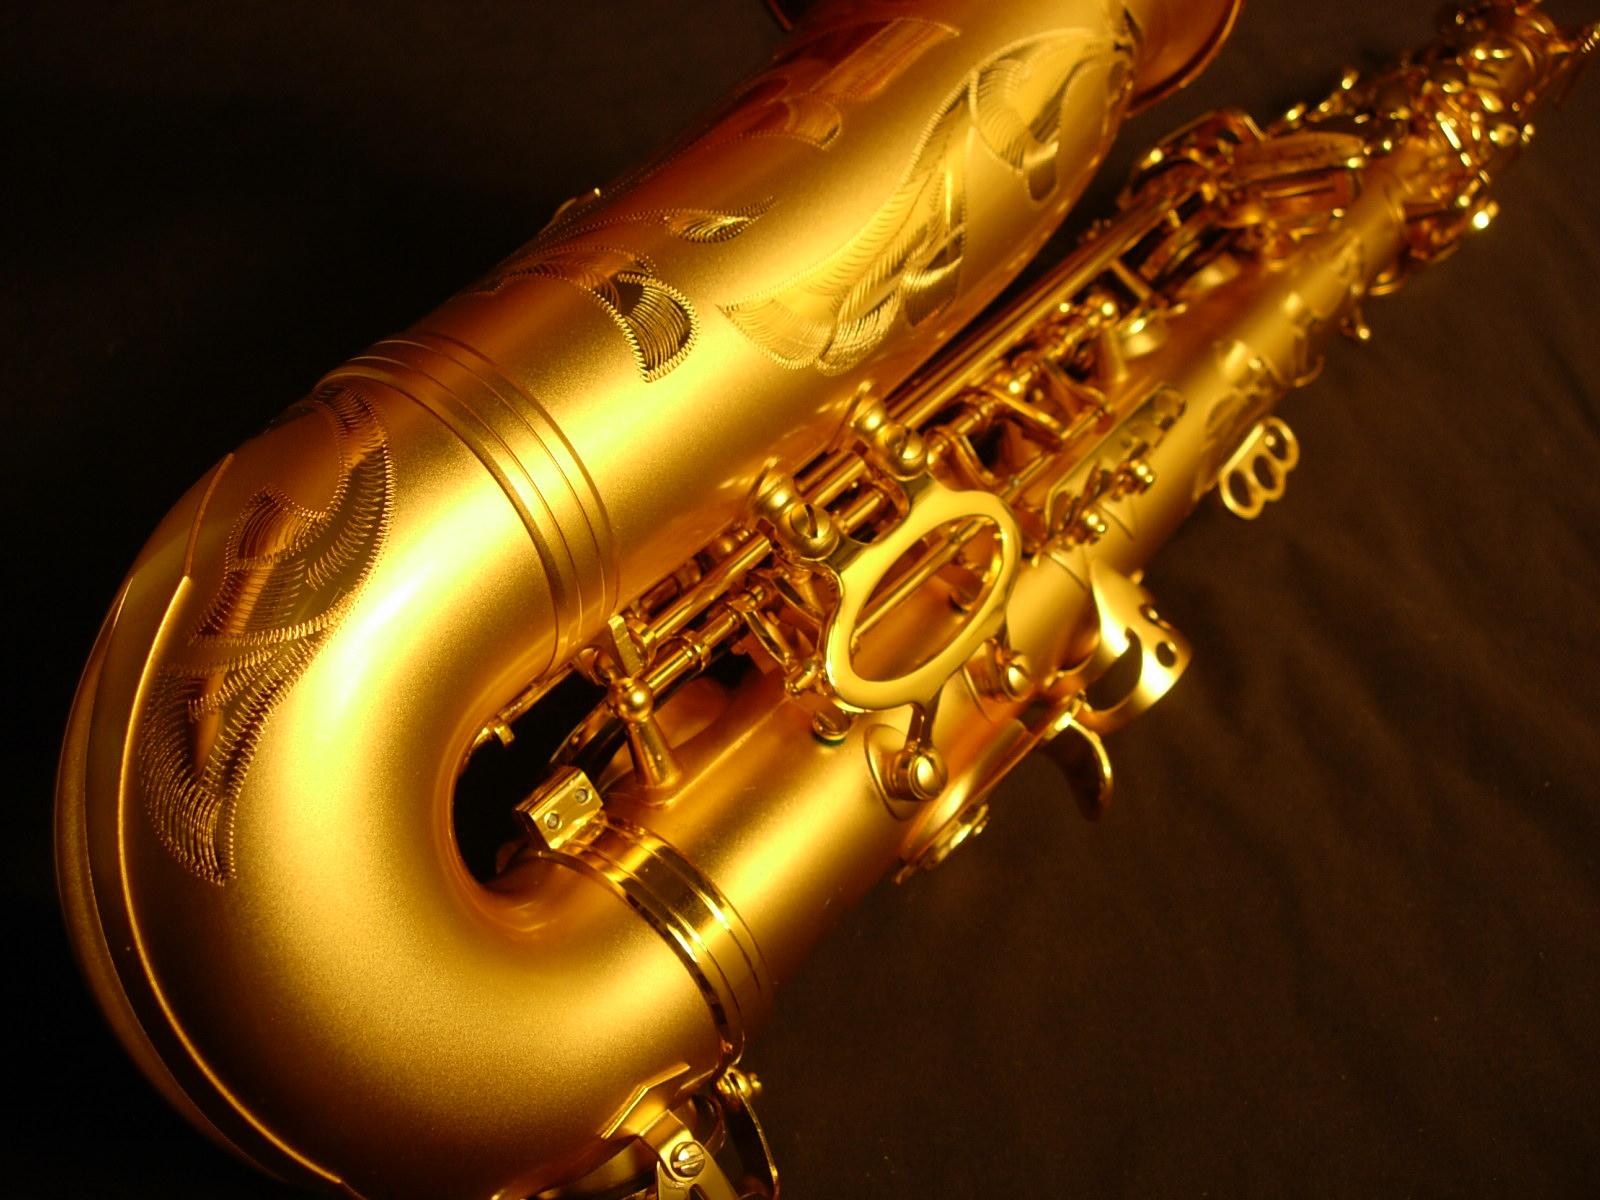 alto saxophone wallpaper blue saxophone wallpaper alto saxophone 1600x1200